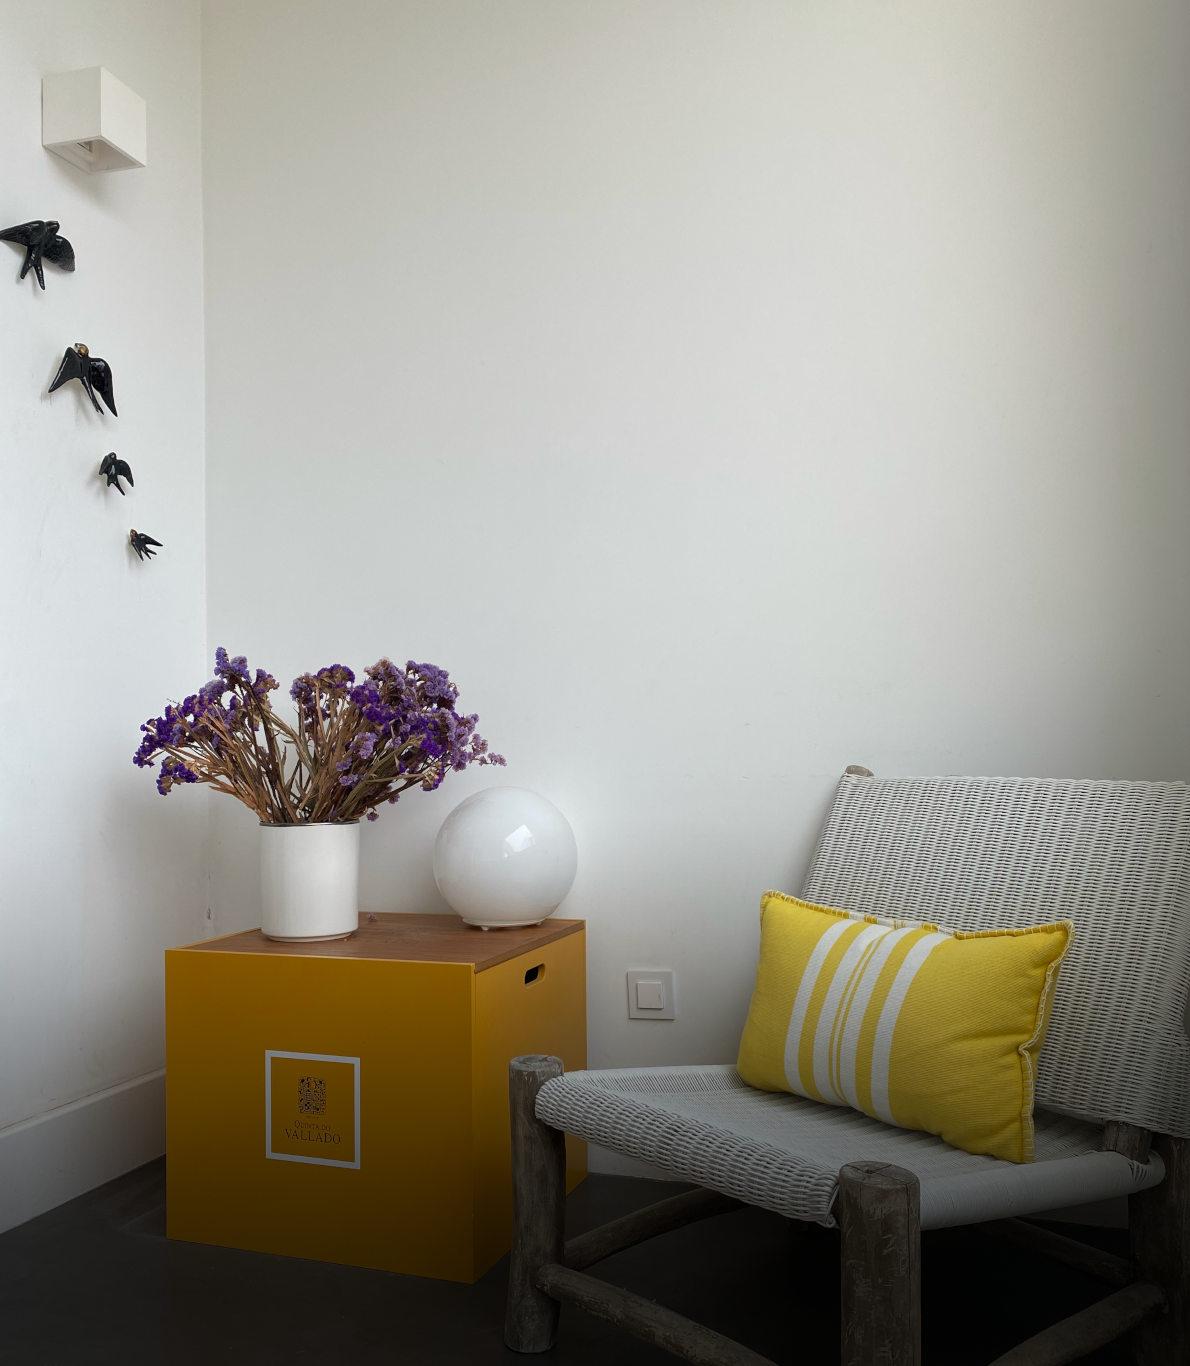 Cantinho de uma varanda exterior com uma cadeira branca e uma mesa ao lado